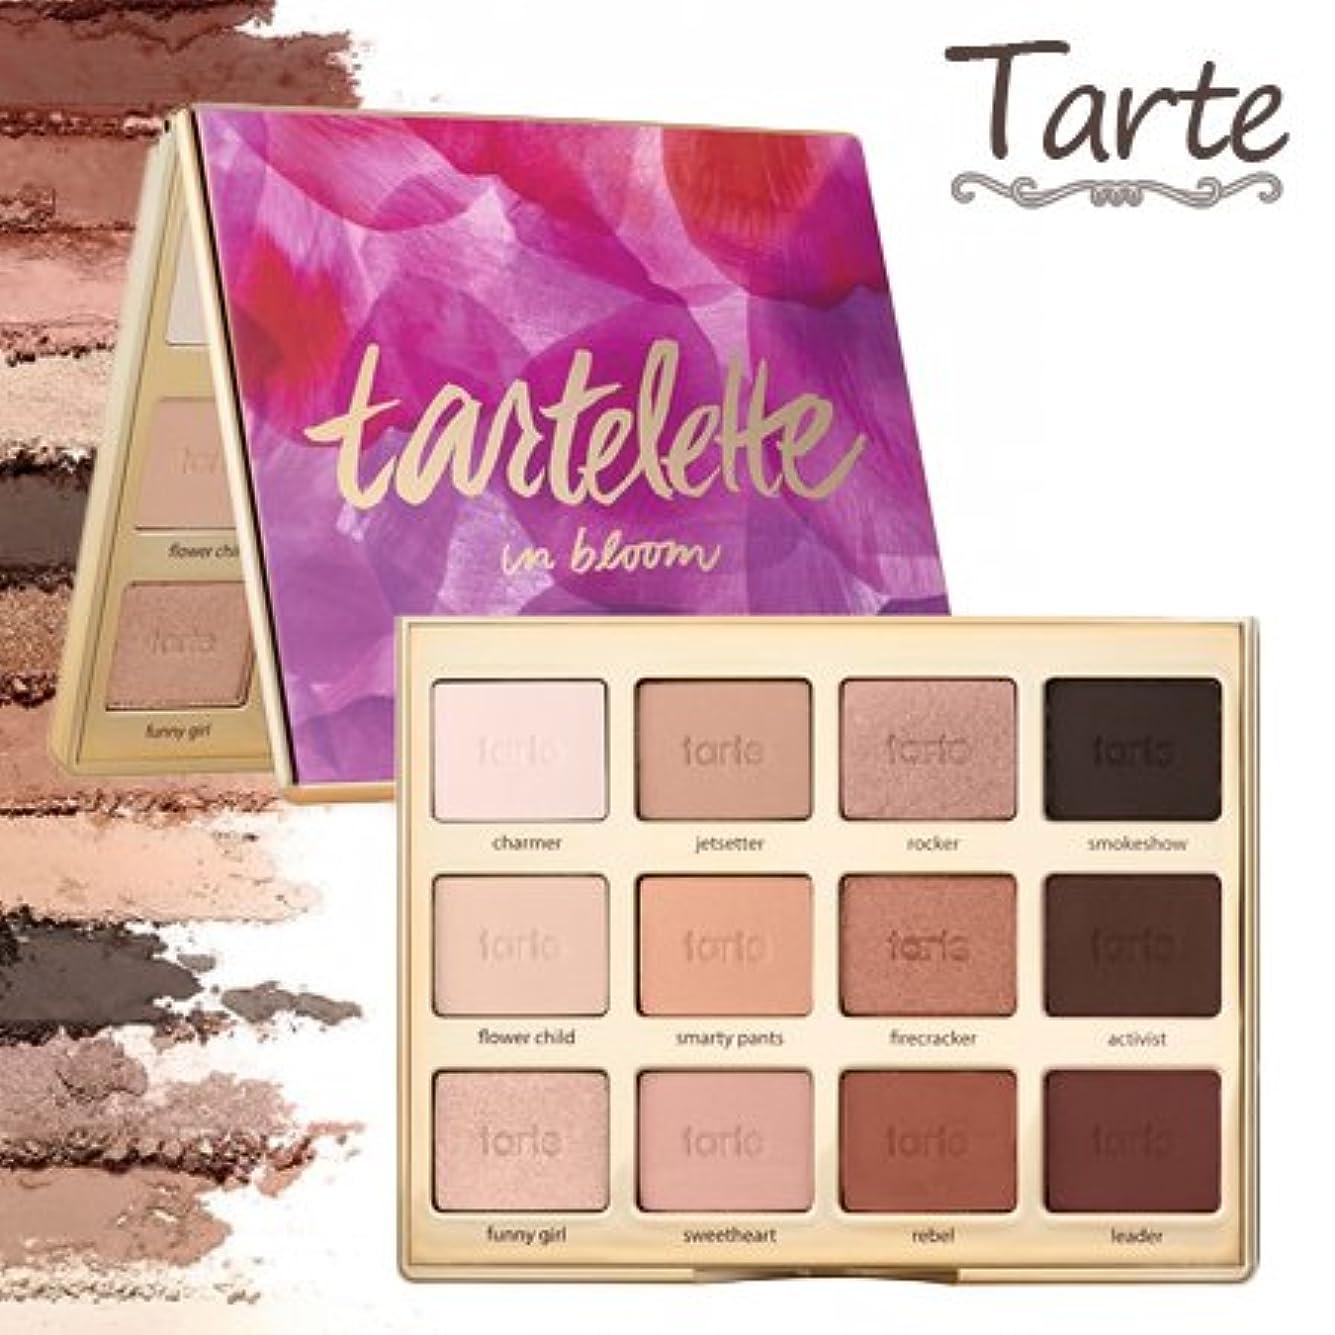 履歴書レイア剥離タルトTarte Tartelette in bloom clay eyeshadow palette アイシャドウ パレット 12色 【並行輸入品】